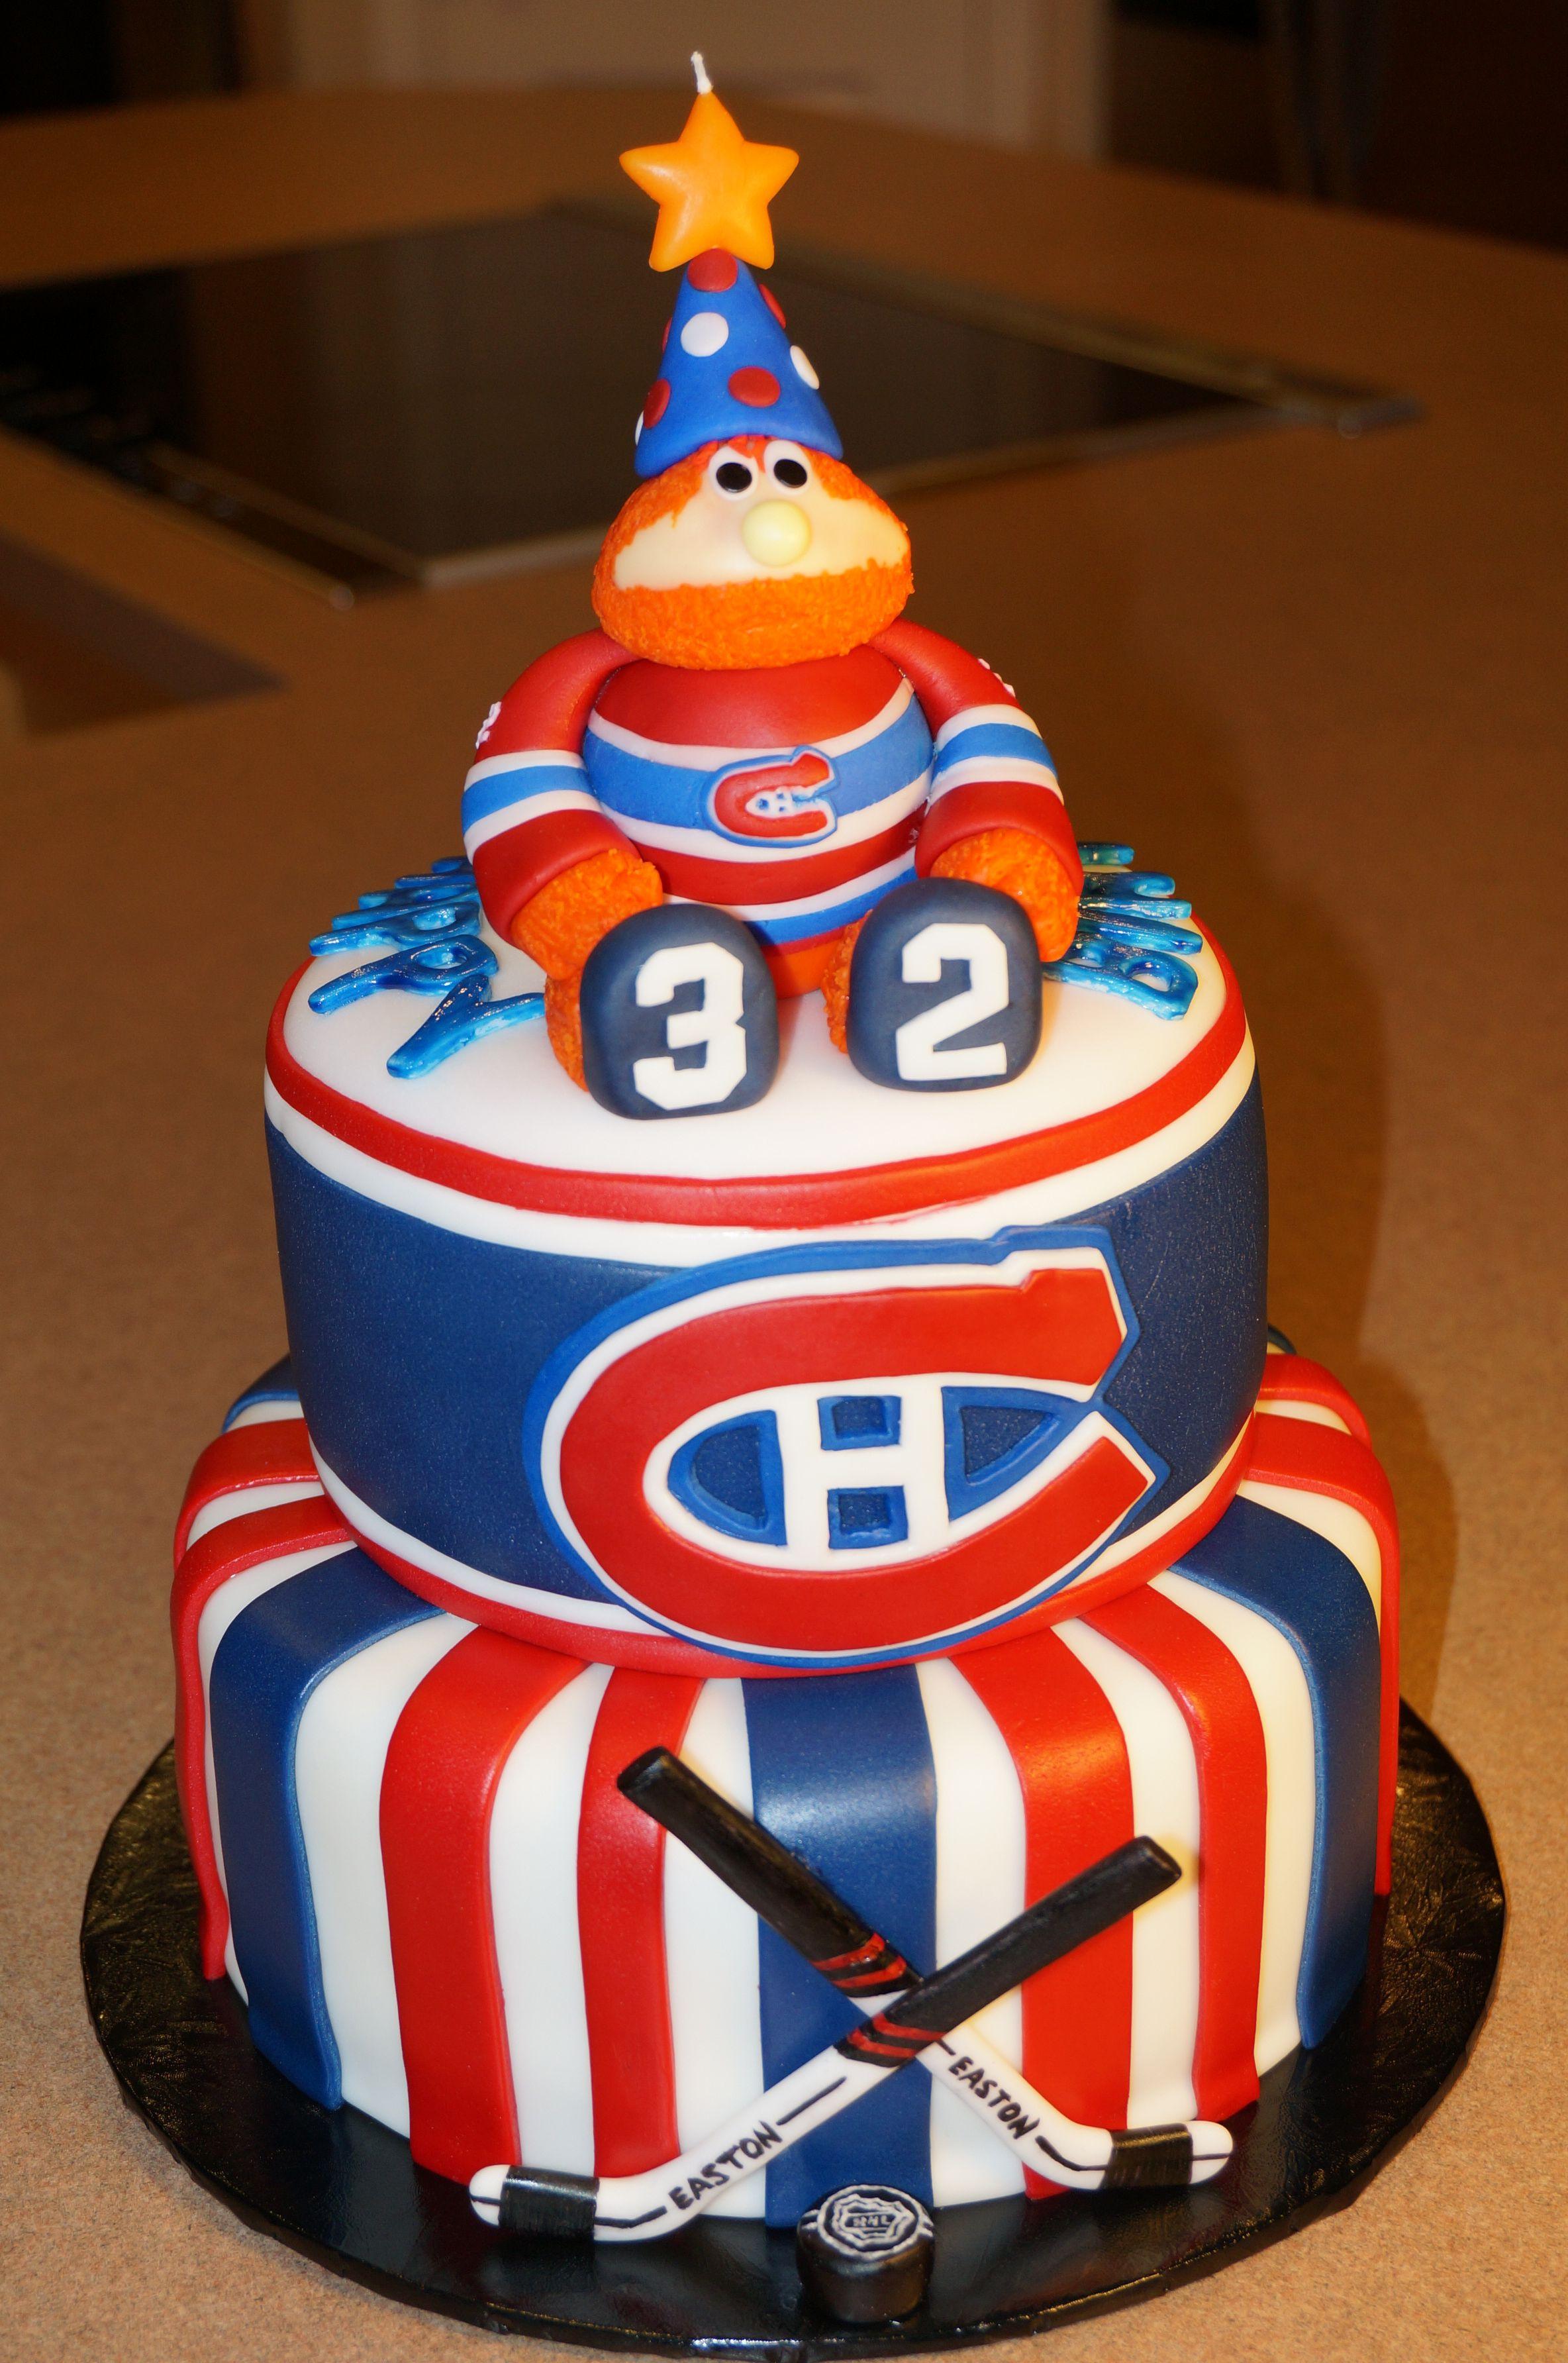 Montreal Cana Ns Hockey Birthday Cake